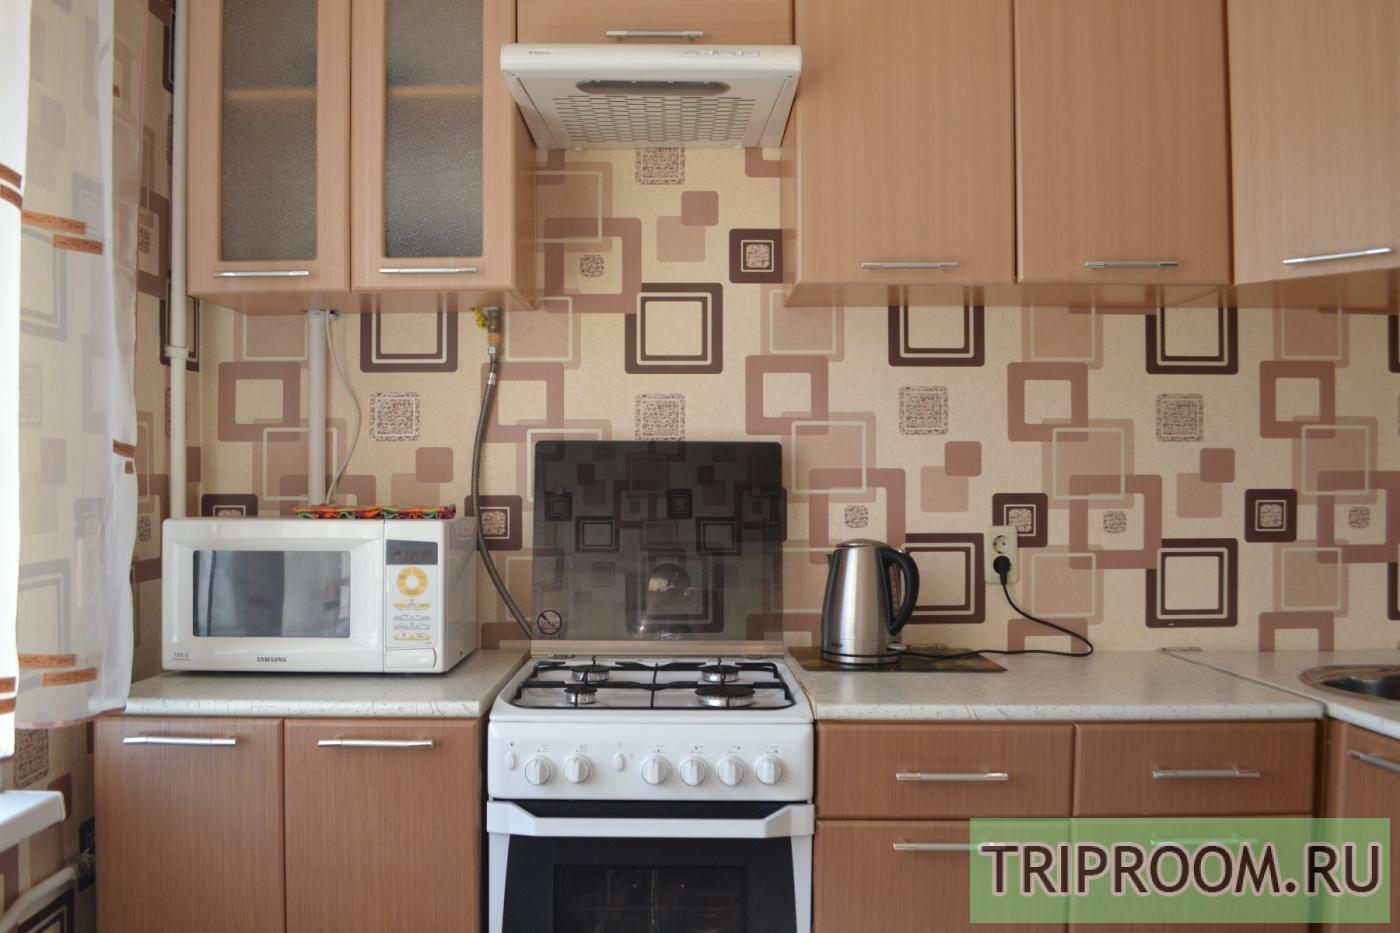 2-комнатная квартира посуточно (вариант № 33882), ул. Тимирязева улица, фото № 9